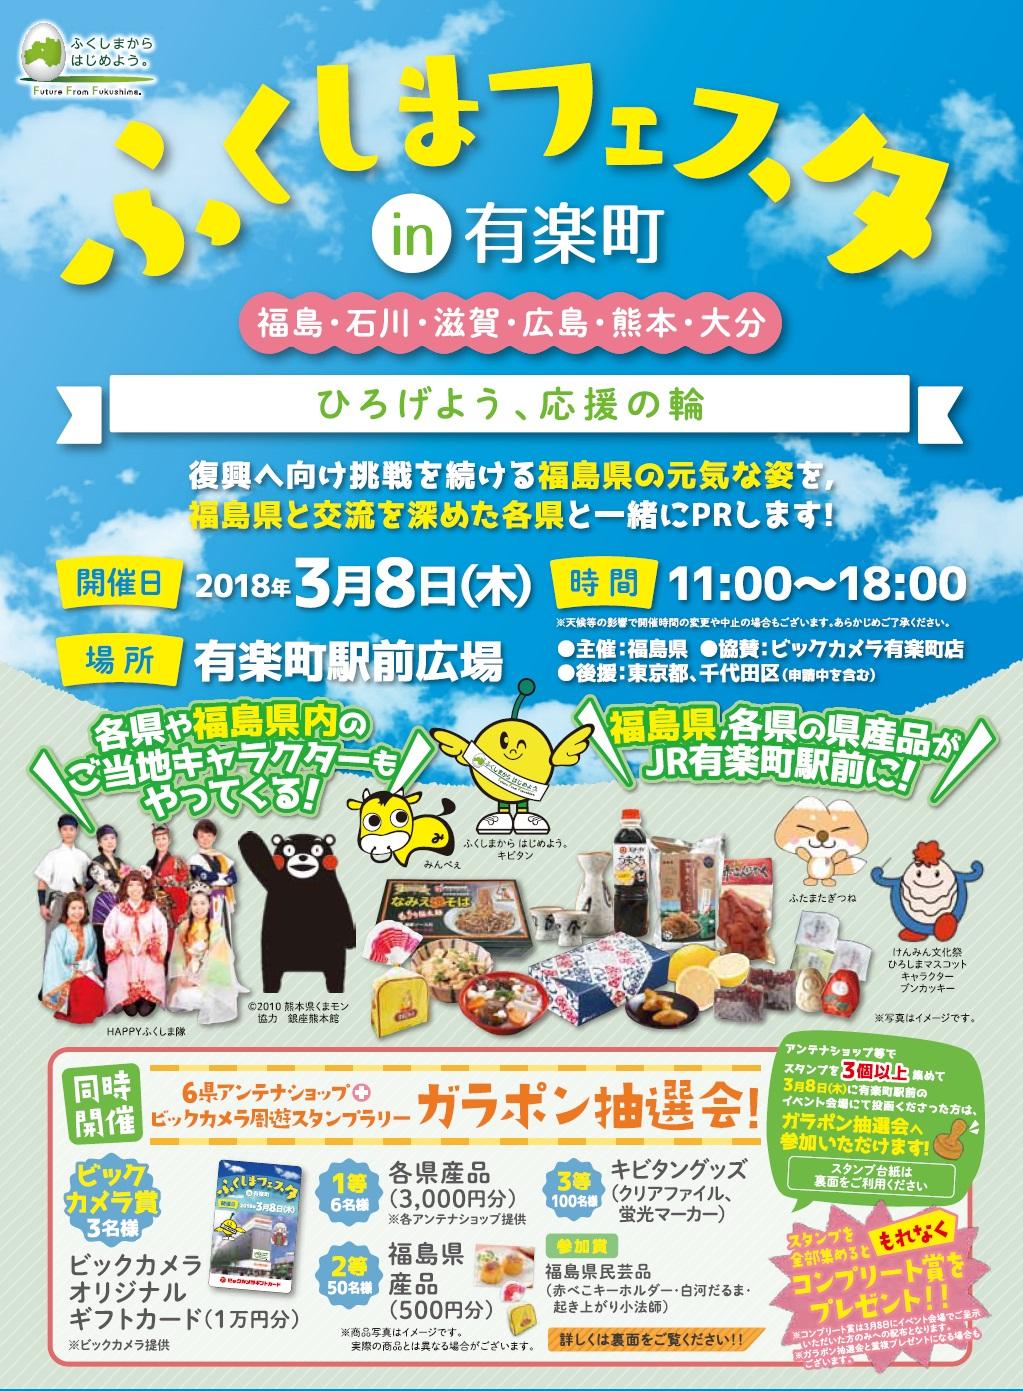 「ふくしまフェスタ in 有楽町」連動企画!6県アンテナショップ+ビックカメラ周遊スタンプラリーを開催します。